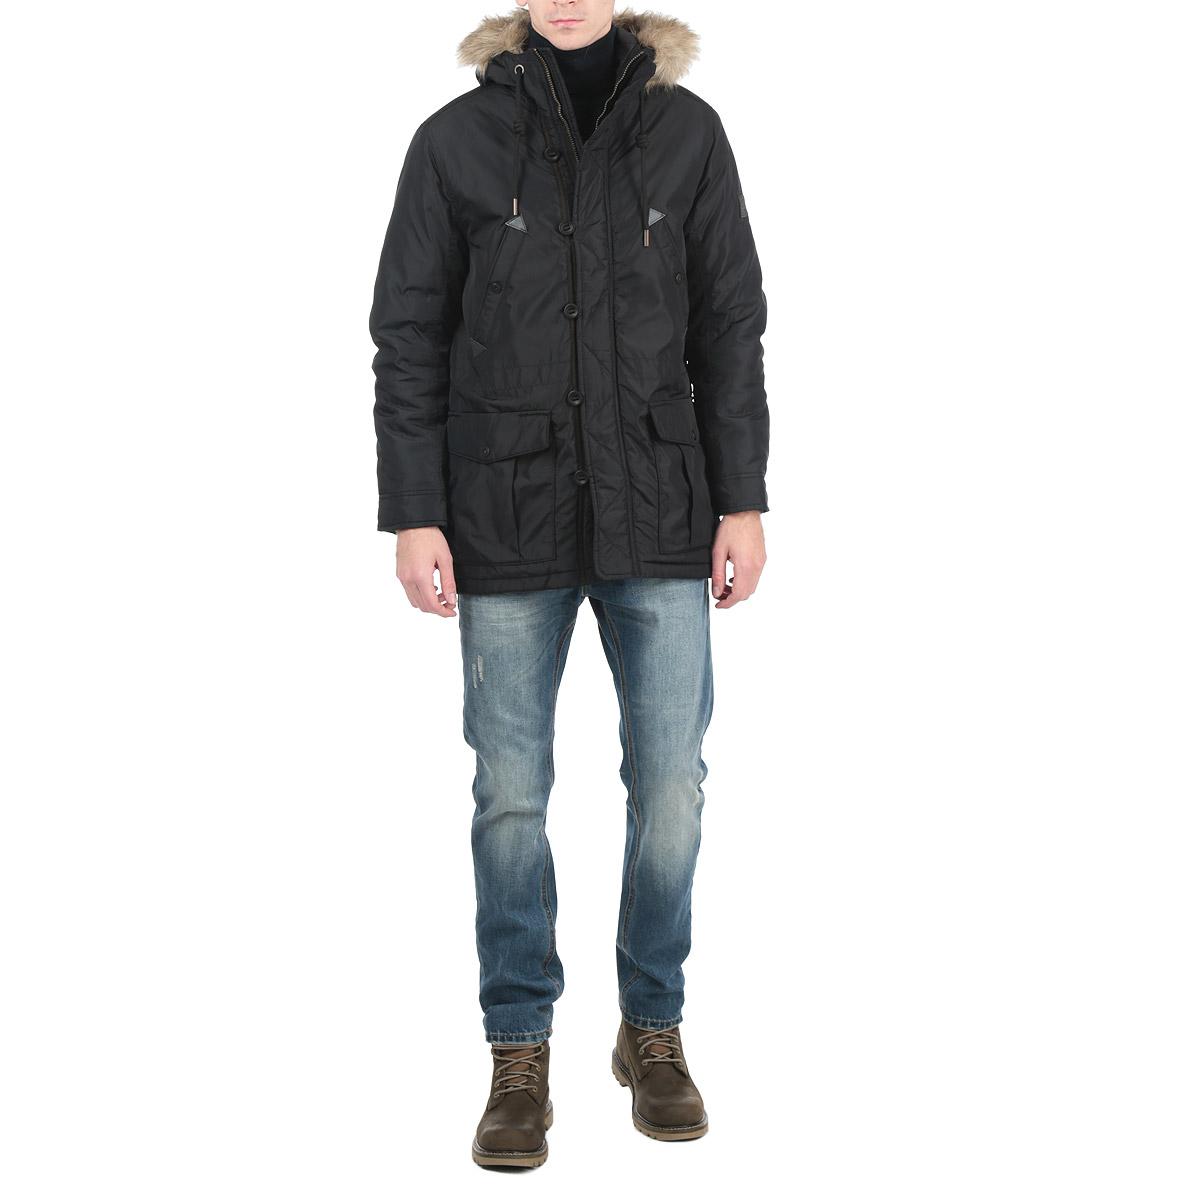 Куртка мужская. 3522248.00.123522248.00.12Стильная удлиненная мужская куртка Tom Tailor Denim выполнена из высококачественного плотного материала, рассчитана на холодную погоду. Она поможет вам почувствовать себя максимально комфортно. Модель с длинными рукавами и капюшоном на кулиске застегивается на застежку-молнию и дополнительно ветрозащитным клапаном на пуговицах. Манжеты изделия зафиксированы хлястиками на кнопках. Капюшон дополнен искусственным мехом, который при желании можно отстегнуть. Модель дополнена двумя нашивными и двумя прорезными карманами на металлических кнопках. Эта модная куртка послужит отличным дополнением к вашему гардеробу.